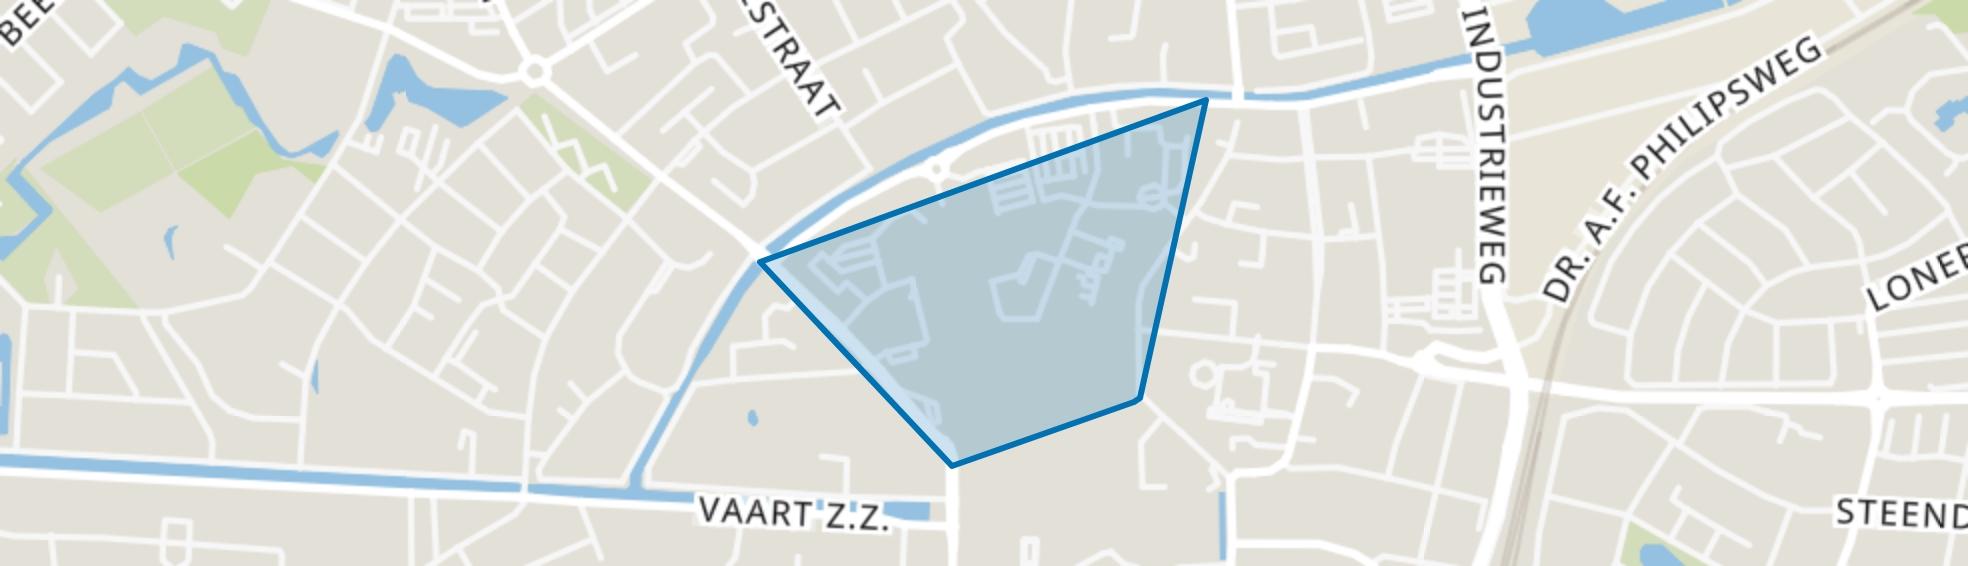 Koopmanskwartier, Assen map